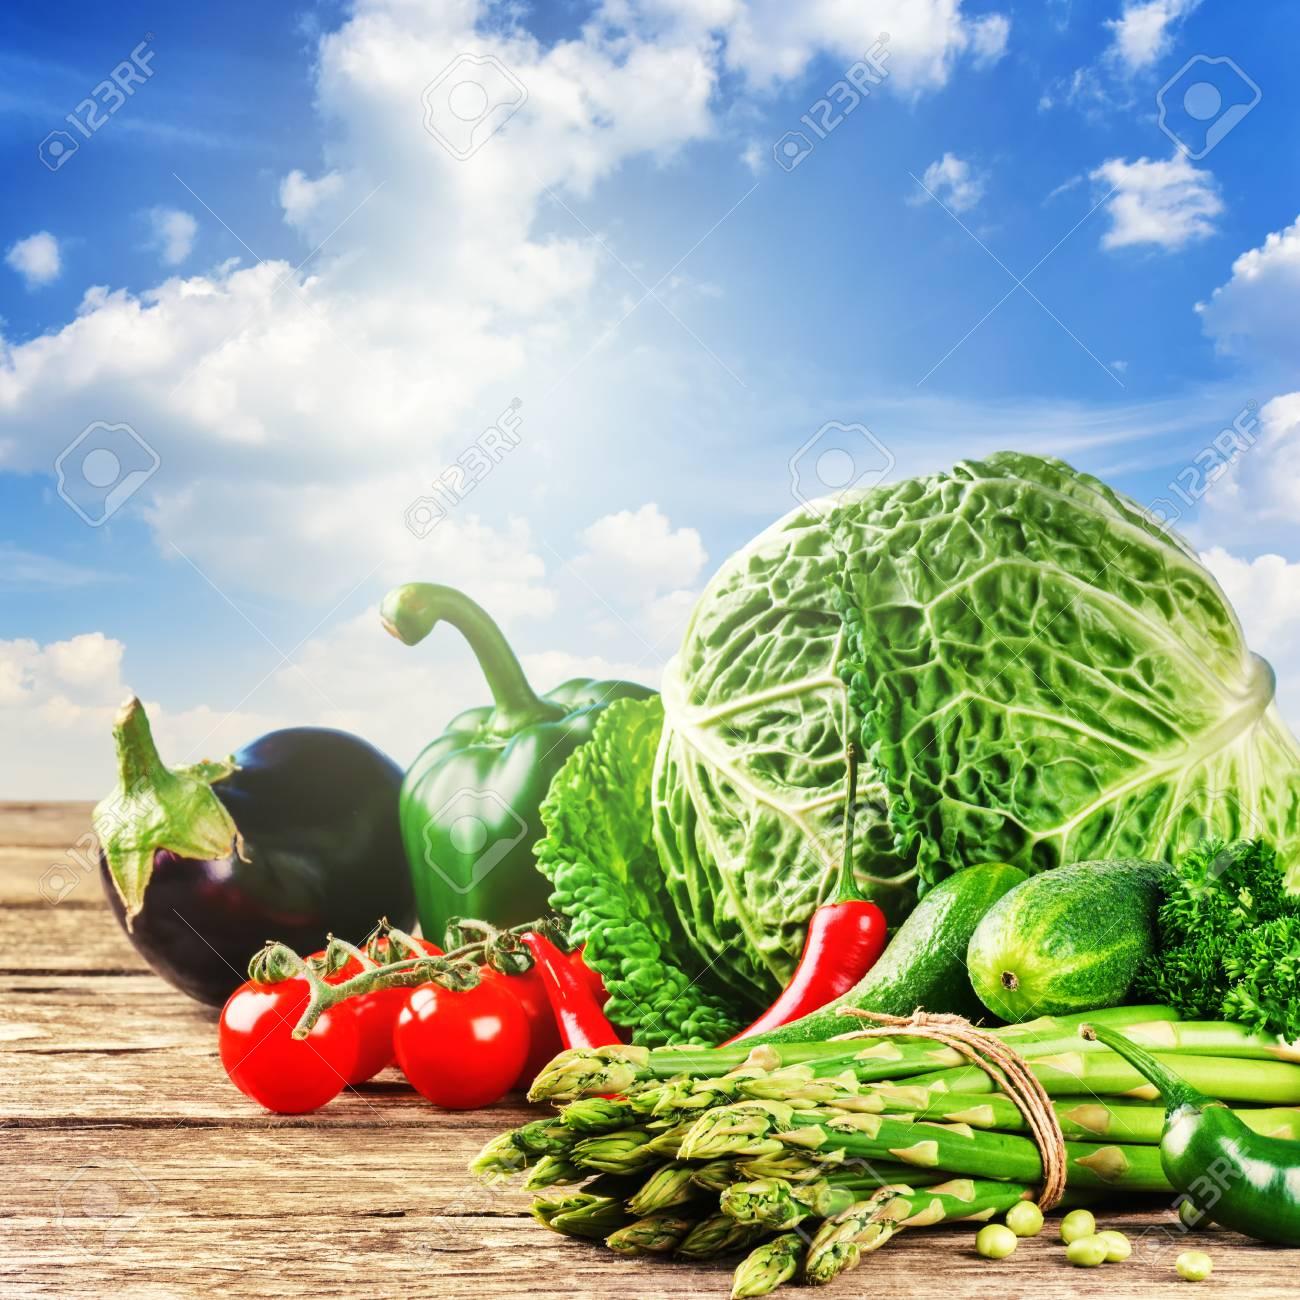 Des Légumes Biologiques Frais En Plein Air. Concept De Nourriture ...